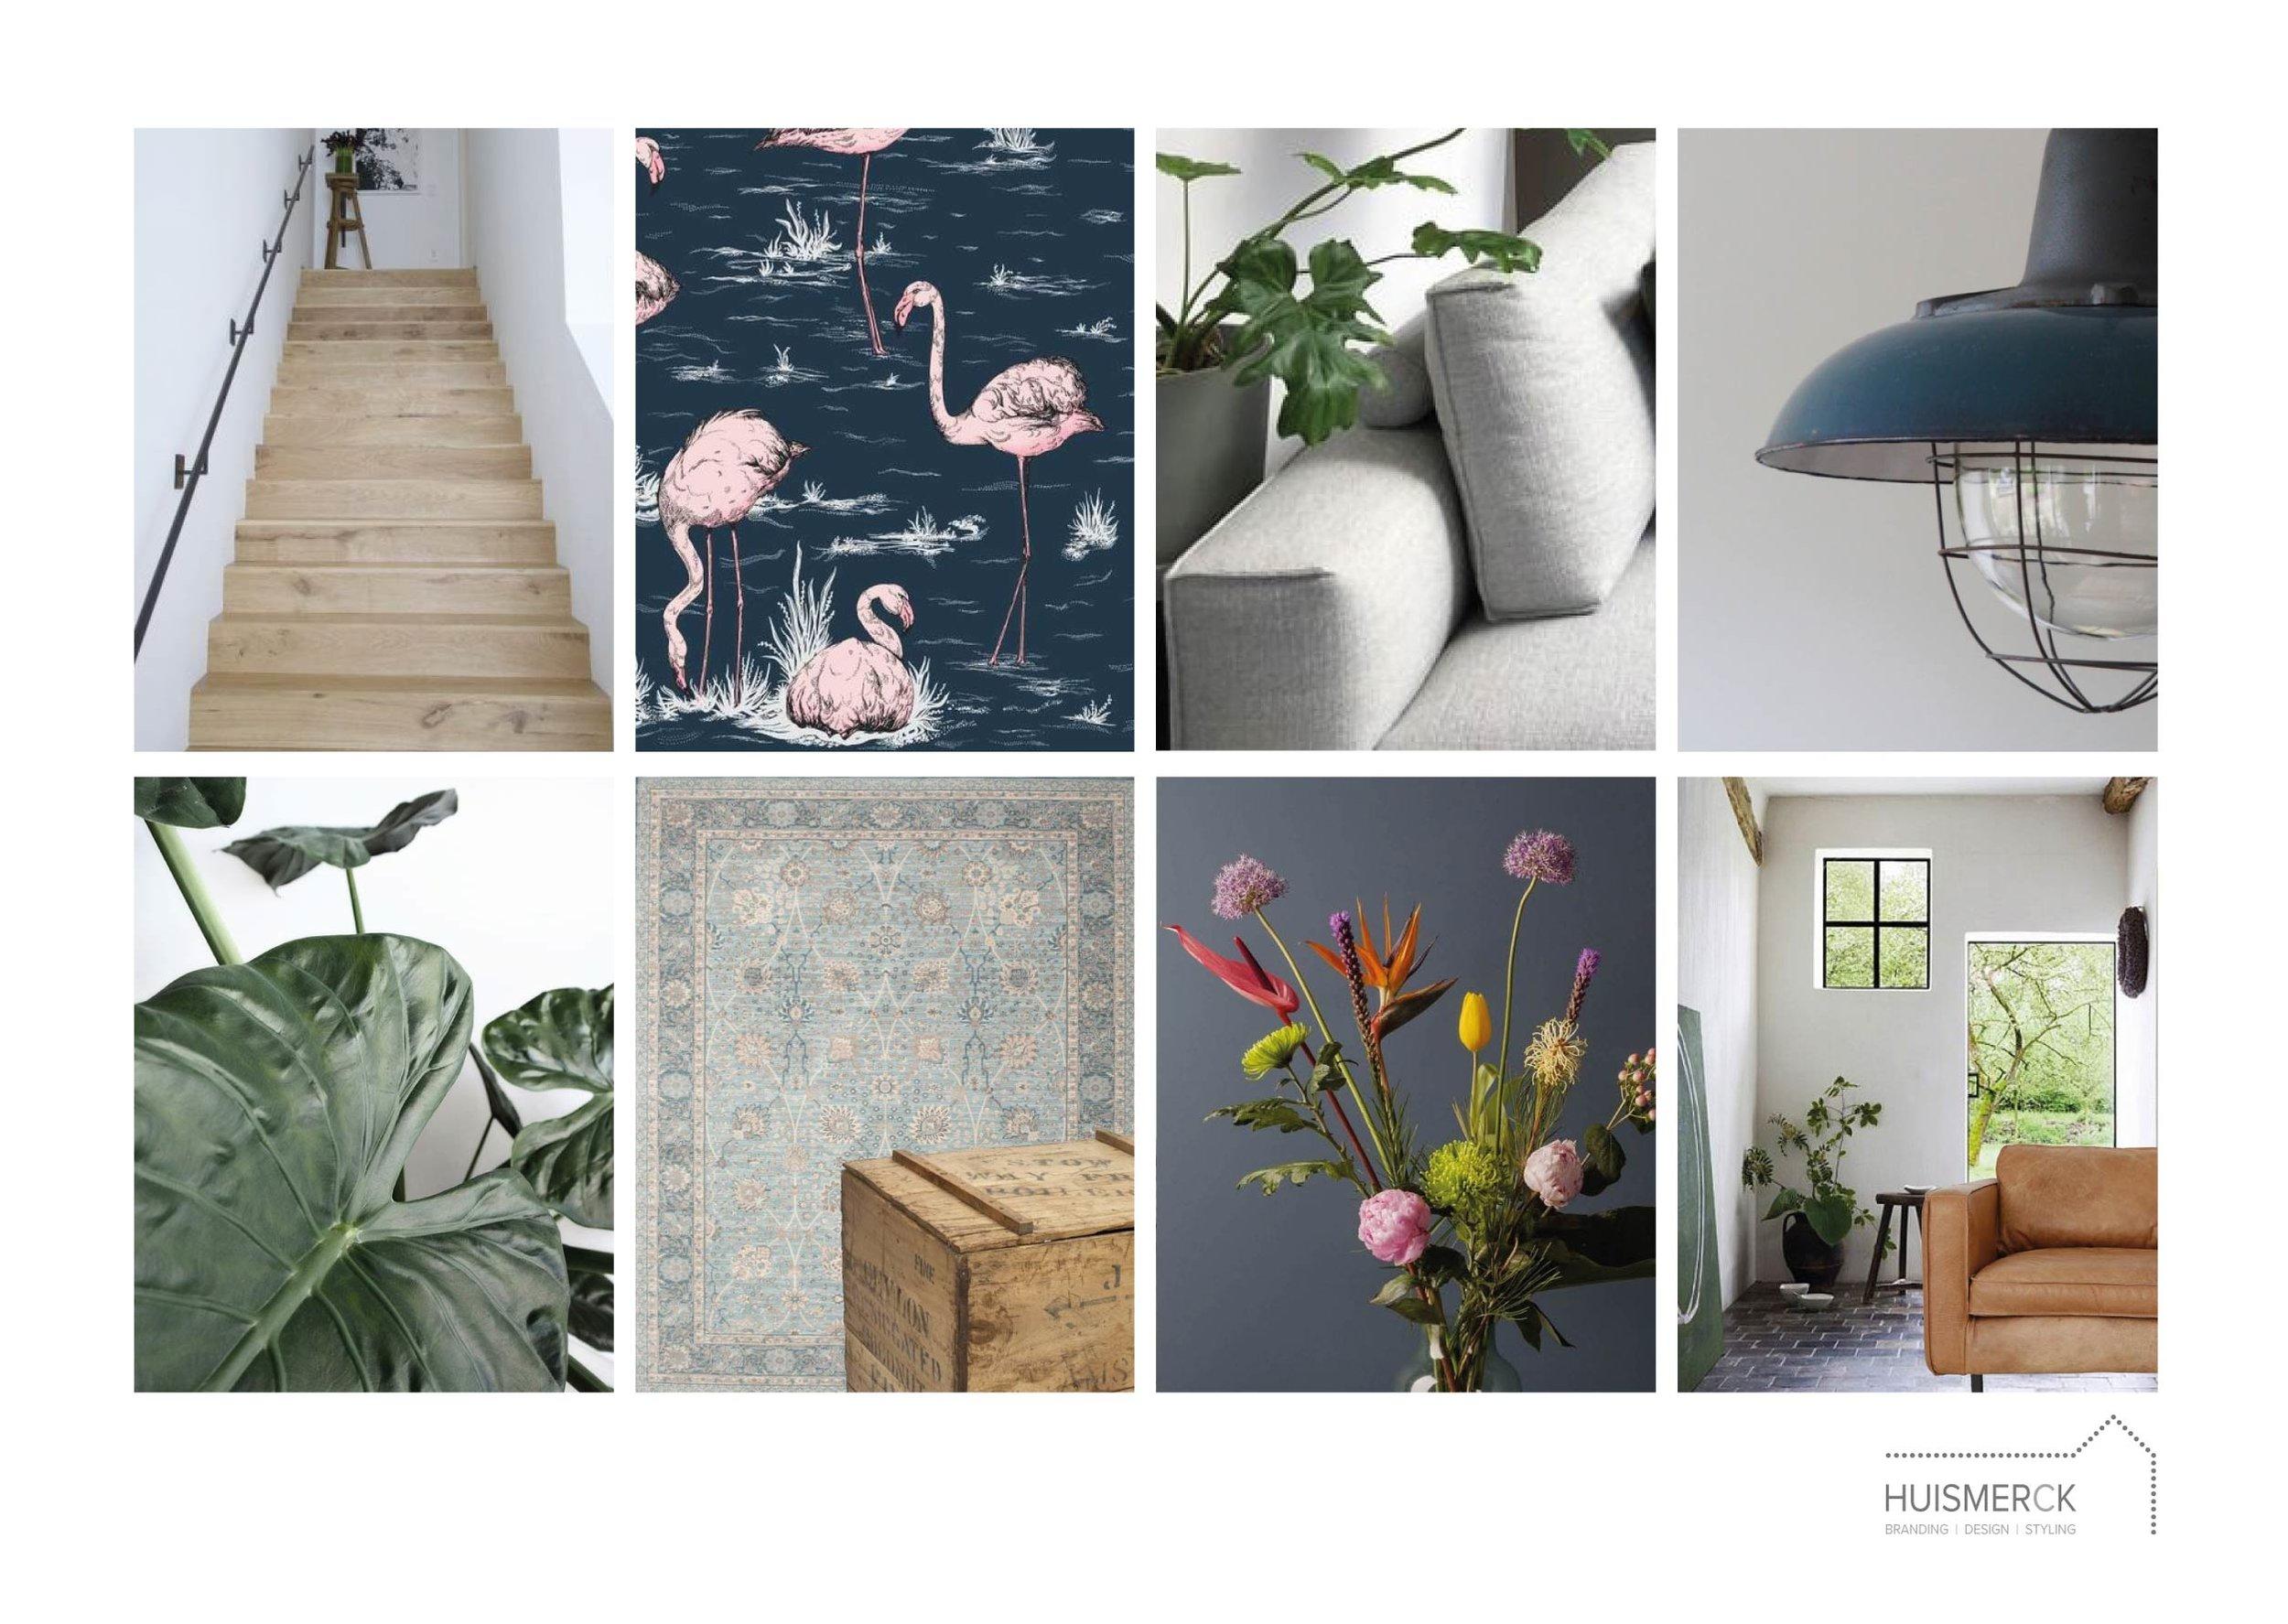 HUISMERCK®_Interieurconcept_Moodboard_Woonkamer_S_J_Woonboerderij_Vorden_Gelderland_industrieel_vintage_kleurrijk.jpg